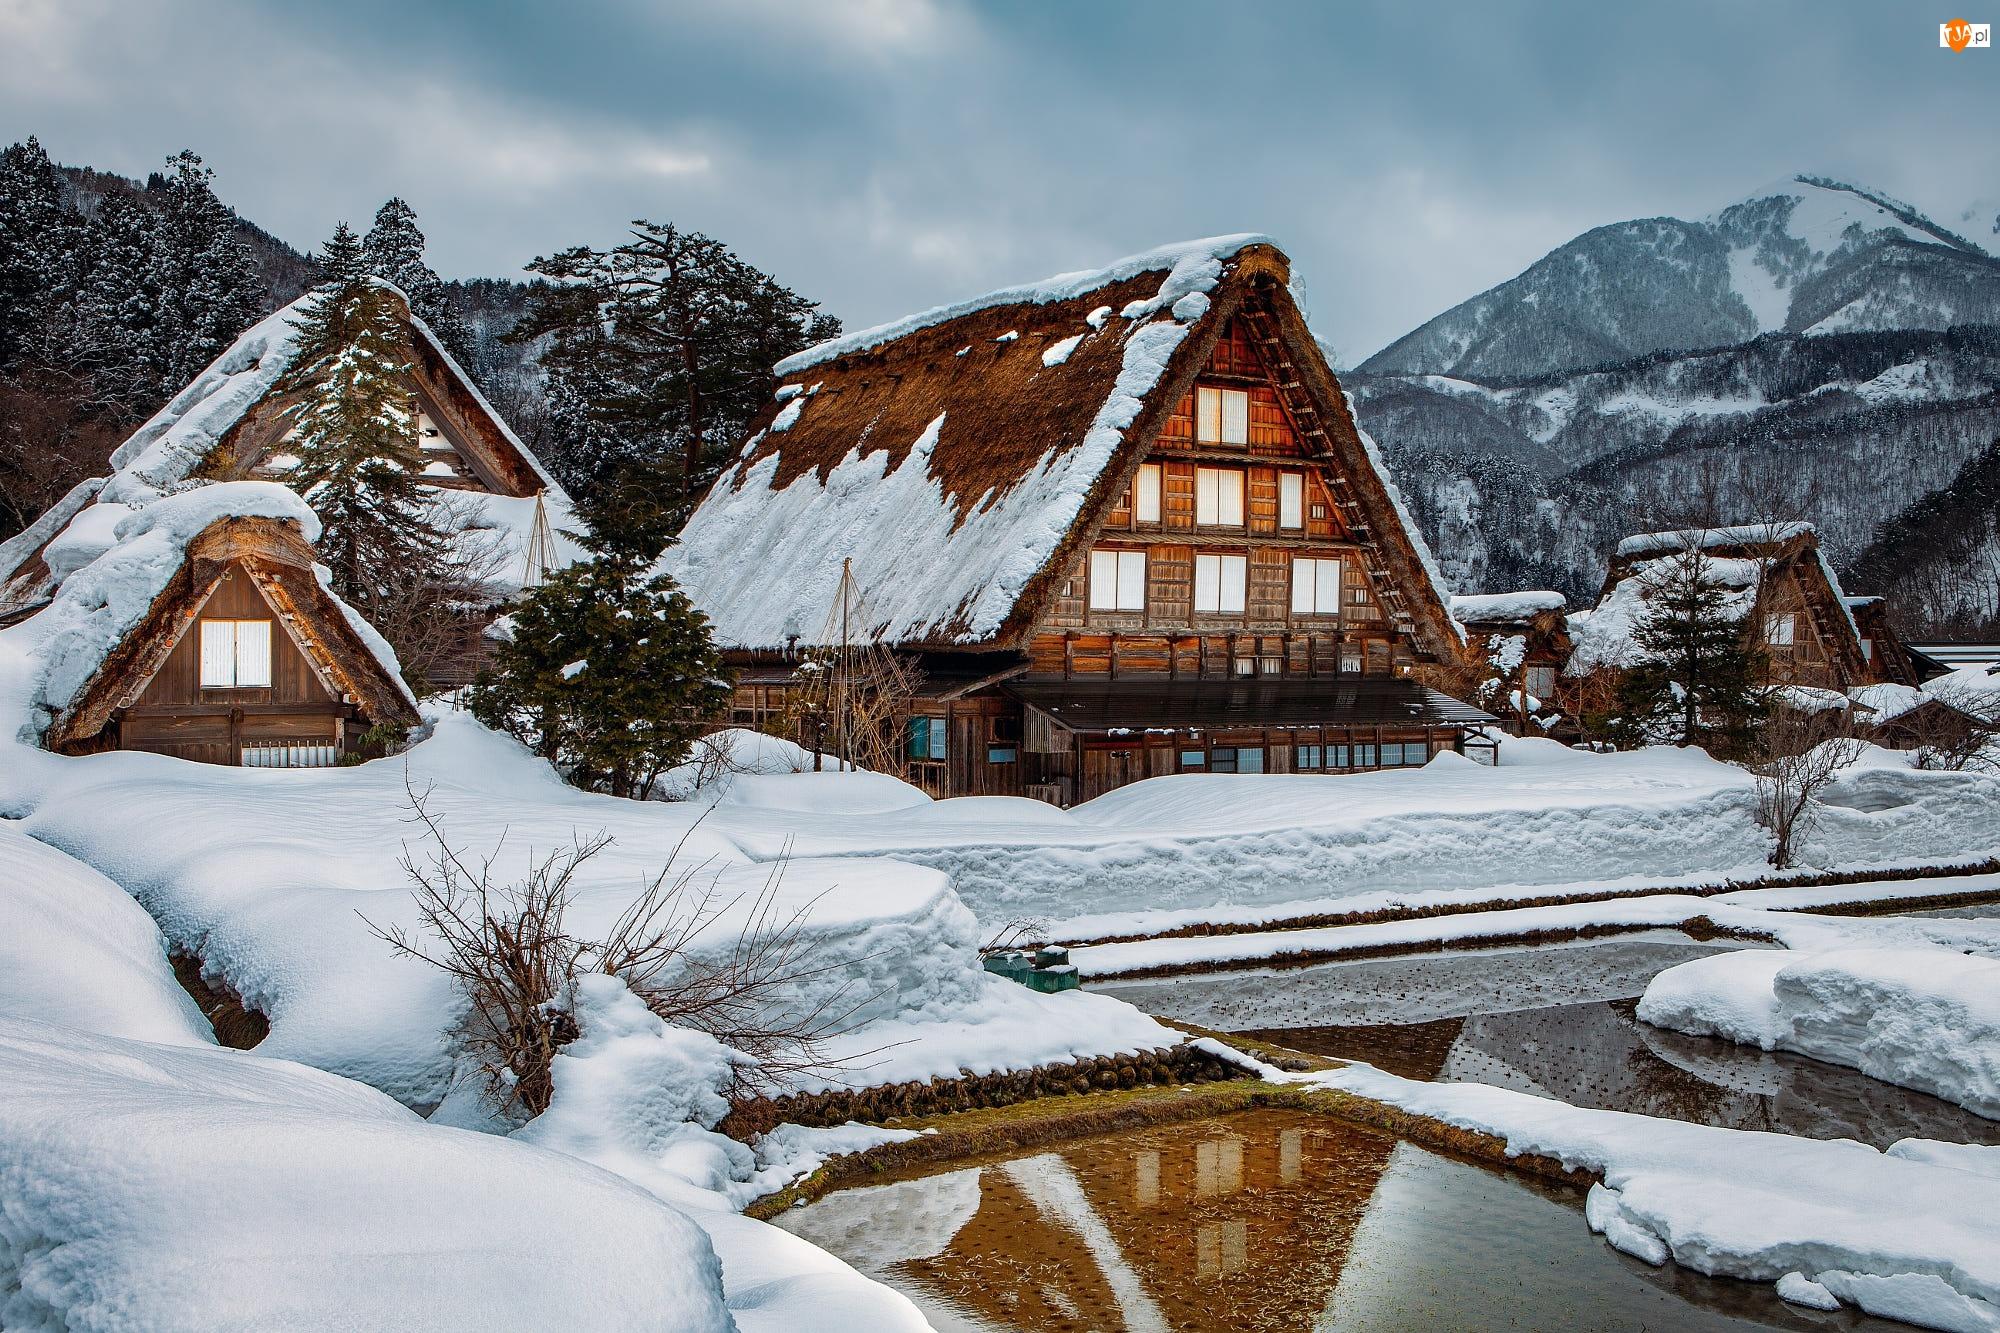 Góry, Japonia, Zima, Drzewa, Wieś Shirakawa, Domy, Staw, Prefektura Gifu